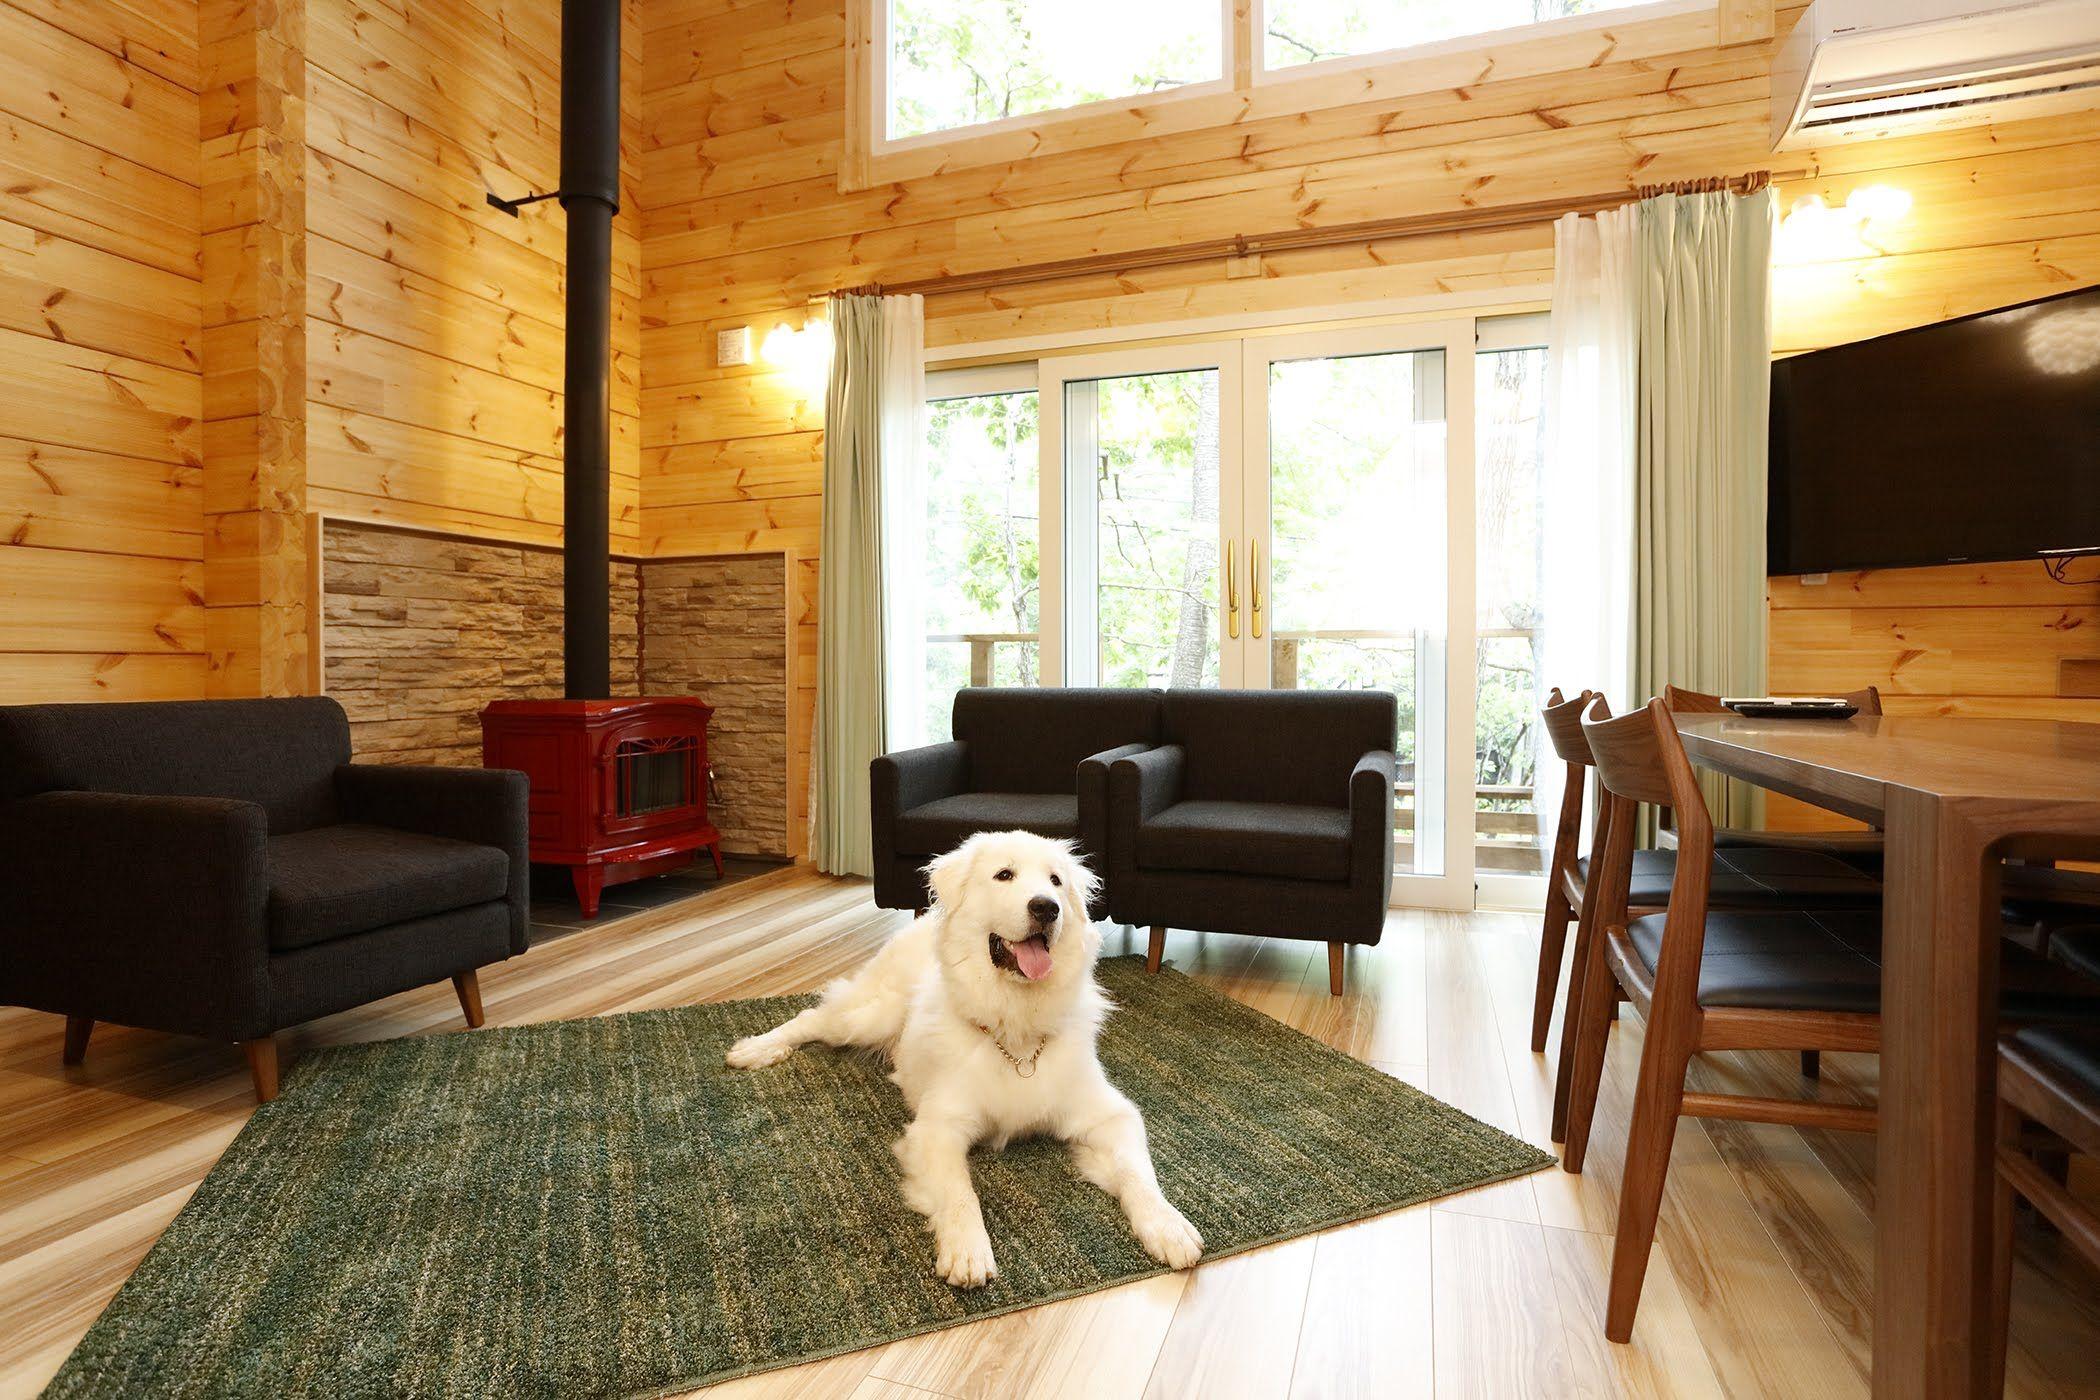 愛犬と過ごす高原リゾートホテル ペット コテージスタイル フォレスト